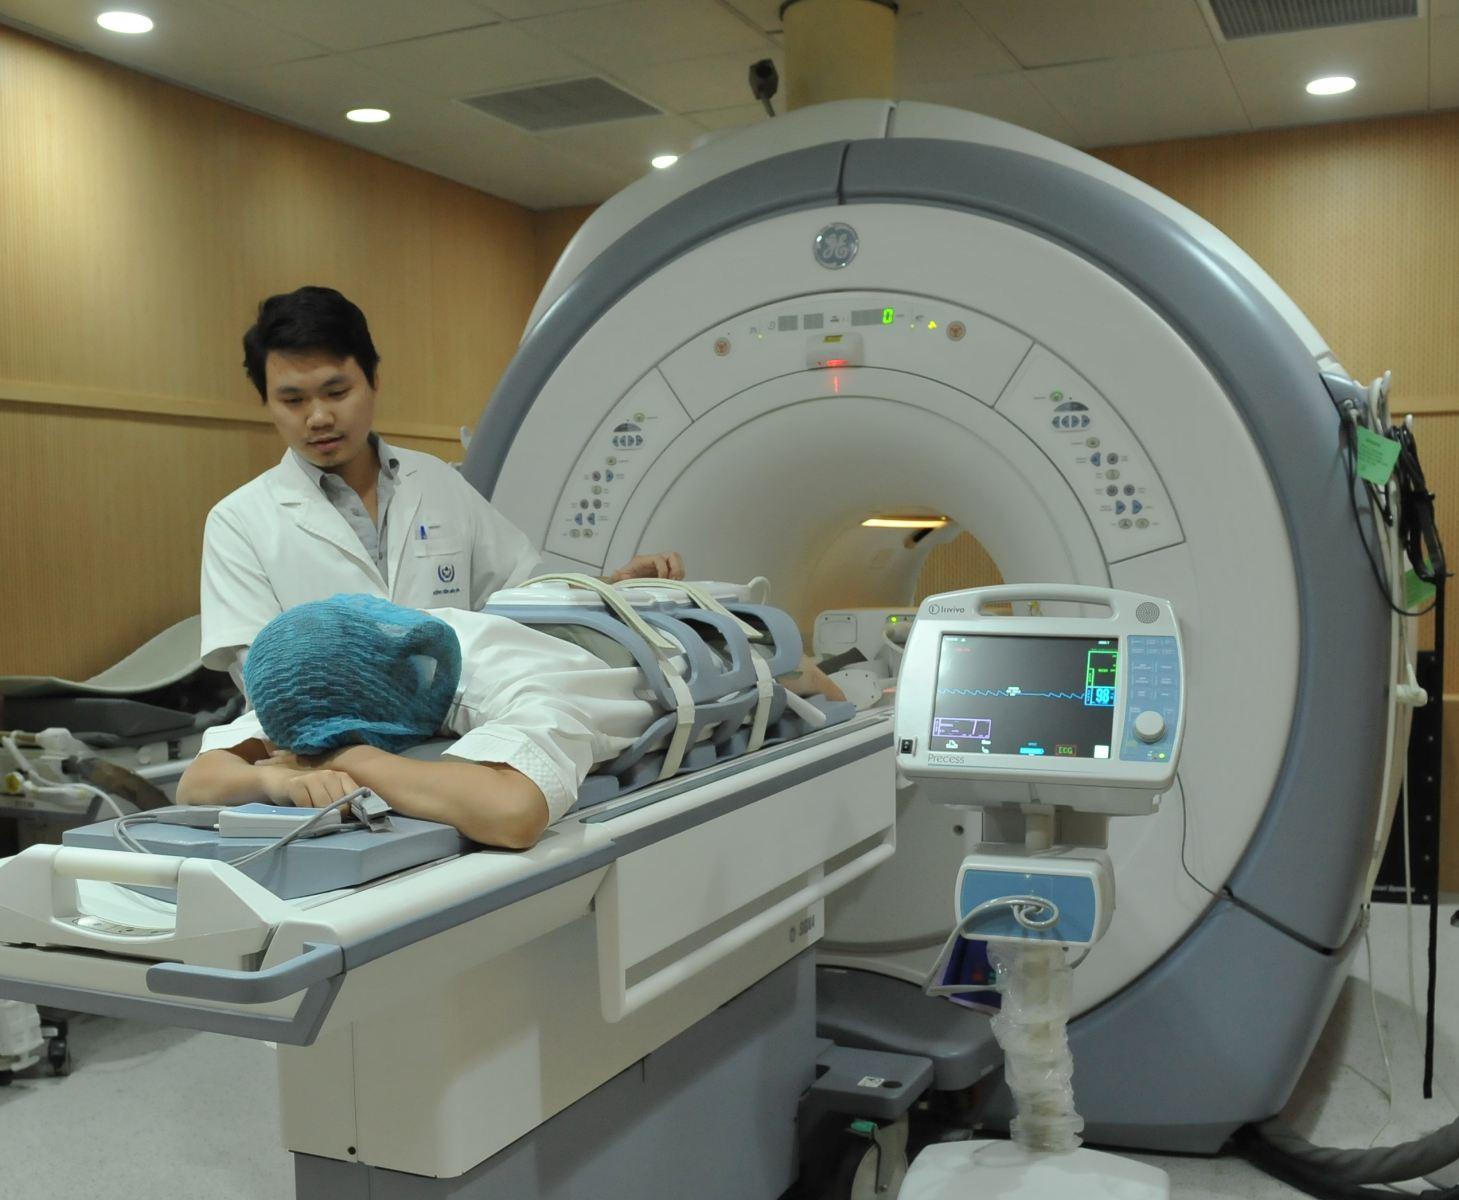 Chụp cộng hưởng từ MRI để phát hiện thoát vị đĩa đệm